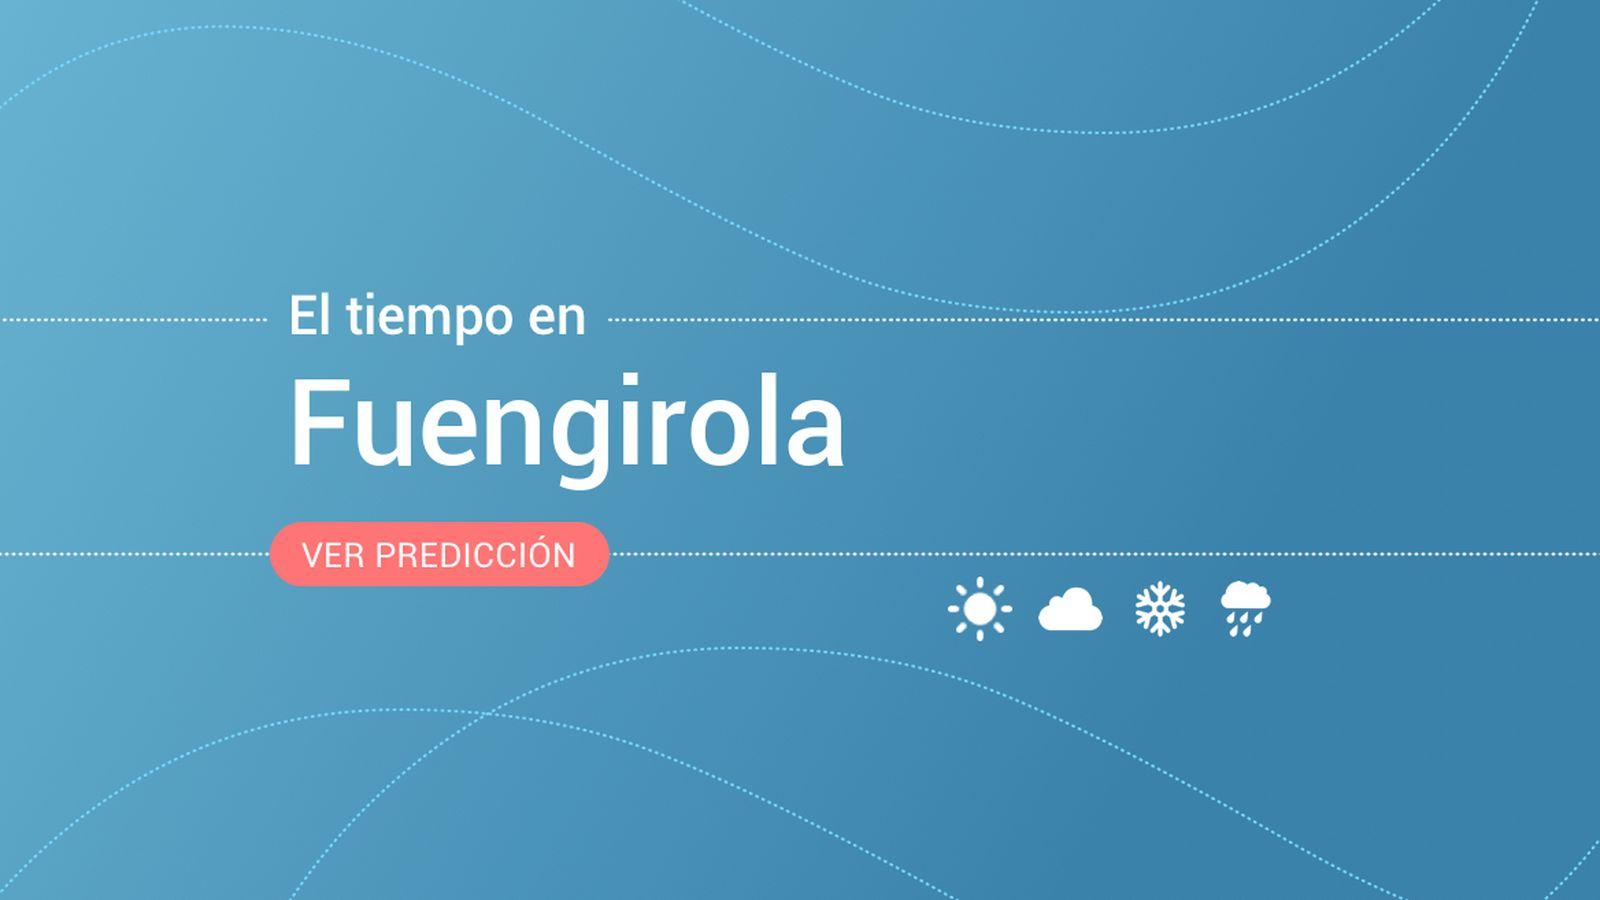 Foto: El tiempo en Fuengirola. (EC)